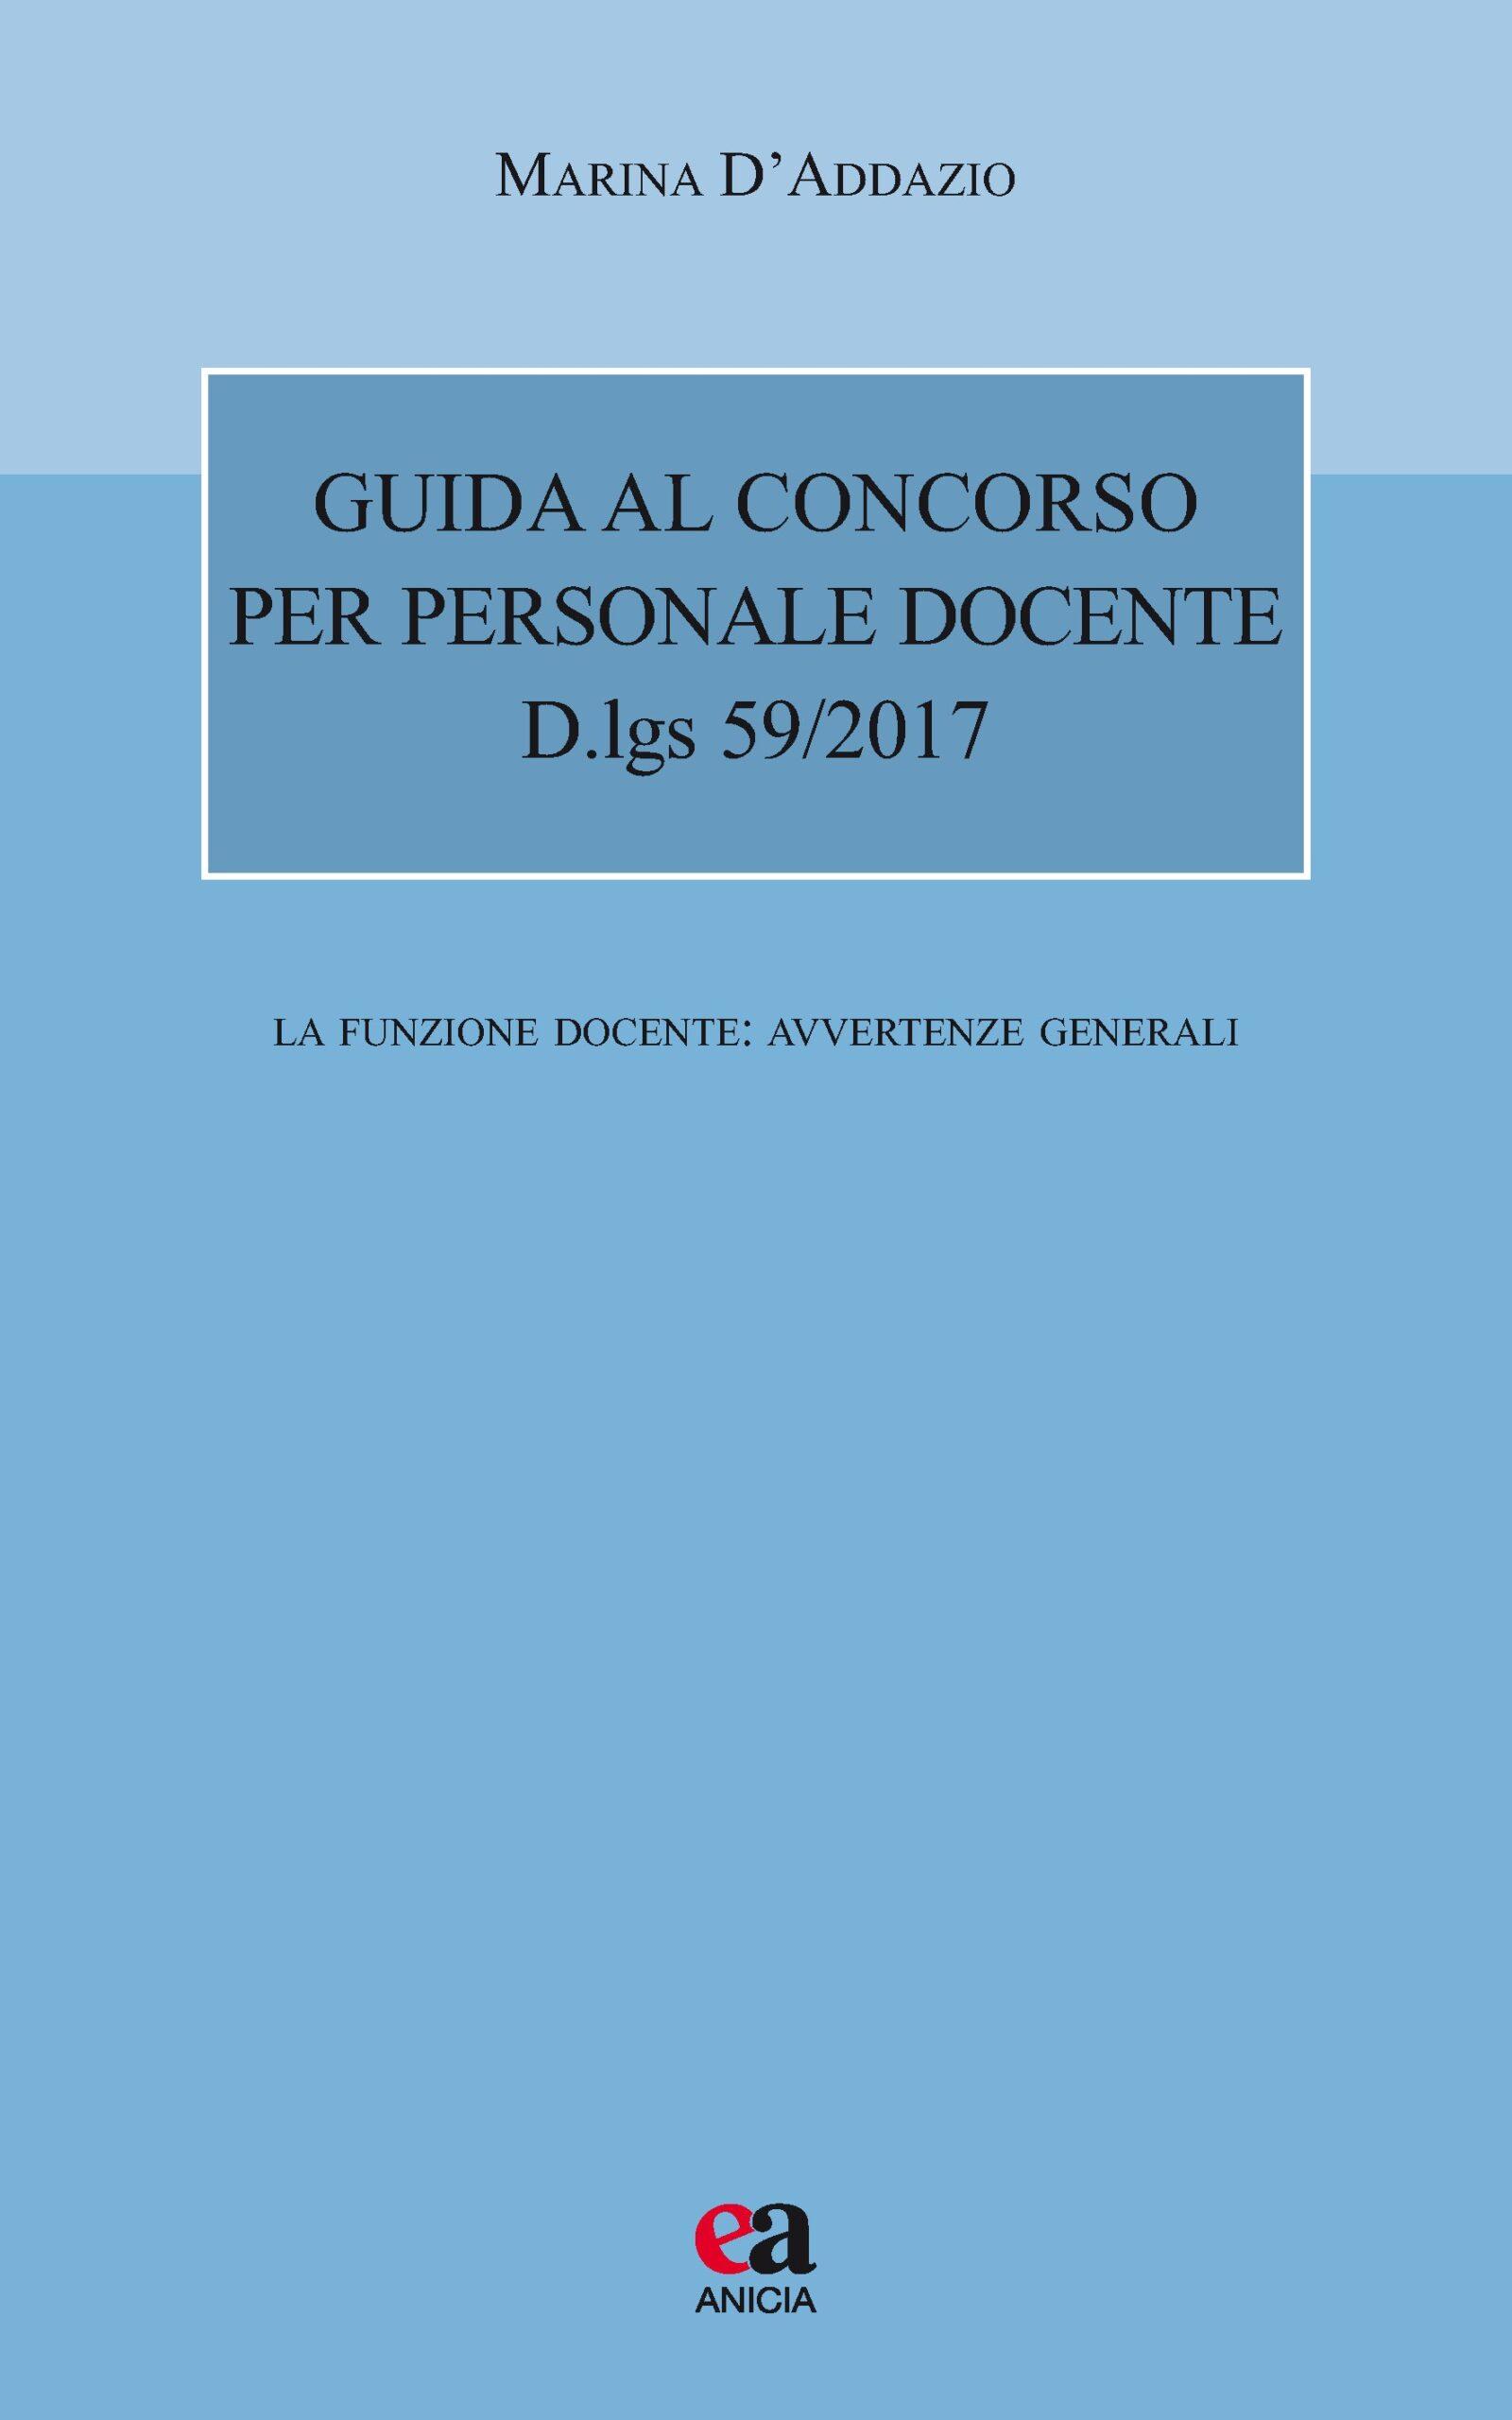 Guida al concorso per personale docente - D.lgs 59/2017